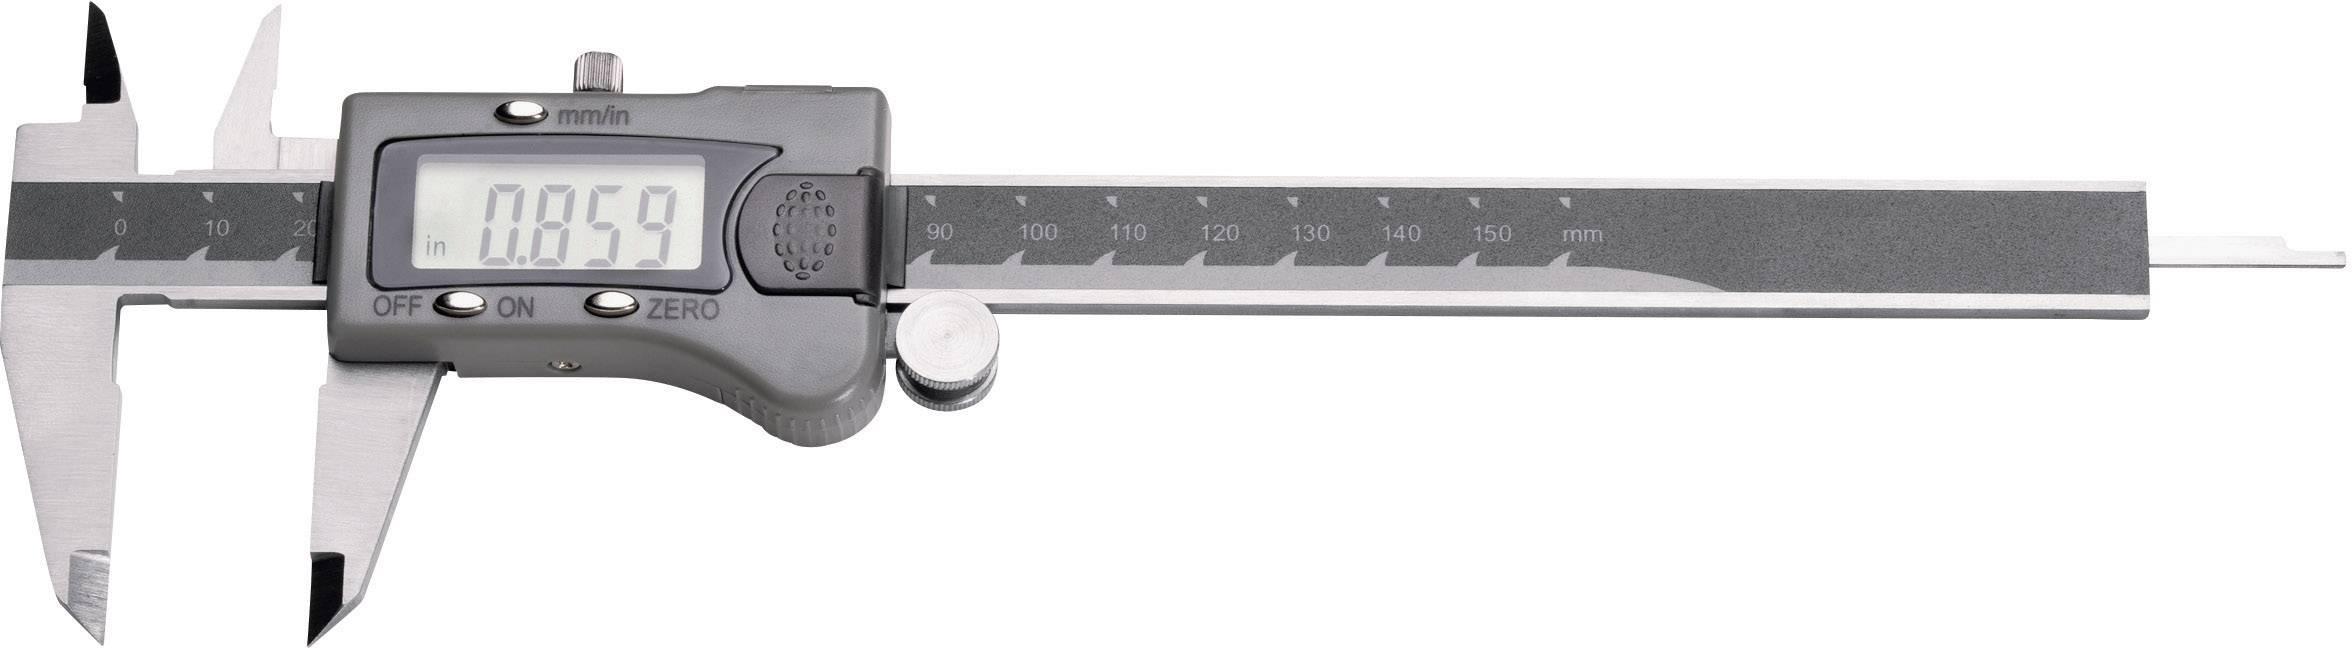 Digitálne posuvné meradlo Horex 2211716, rozsah merania 150 mm